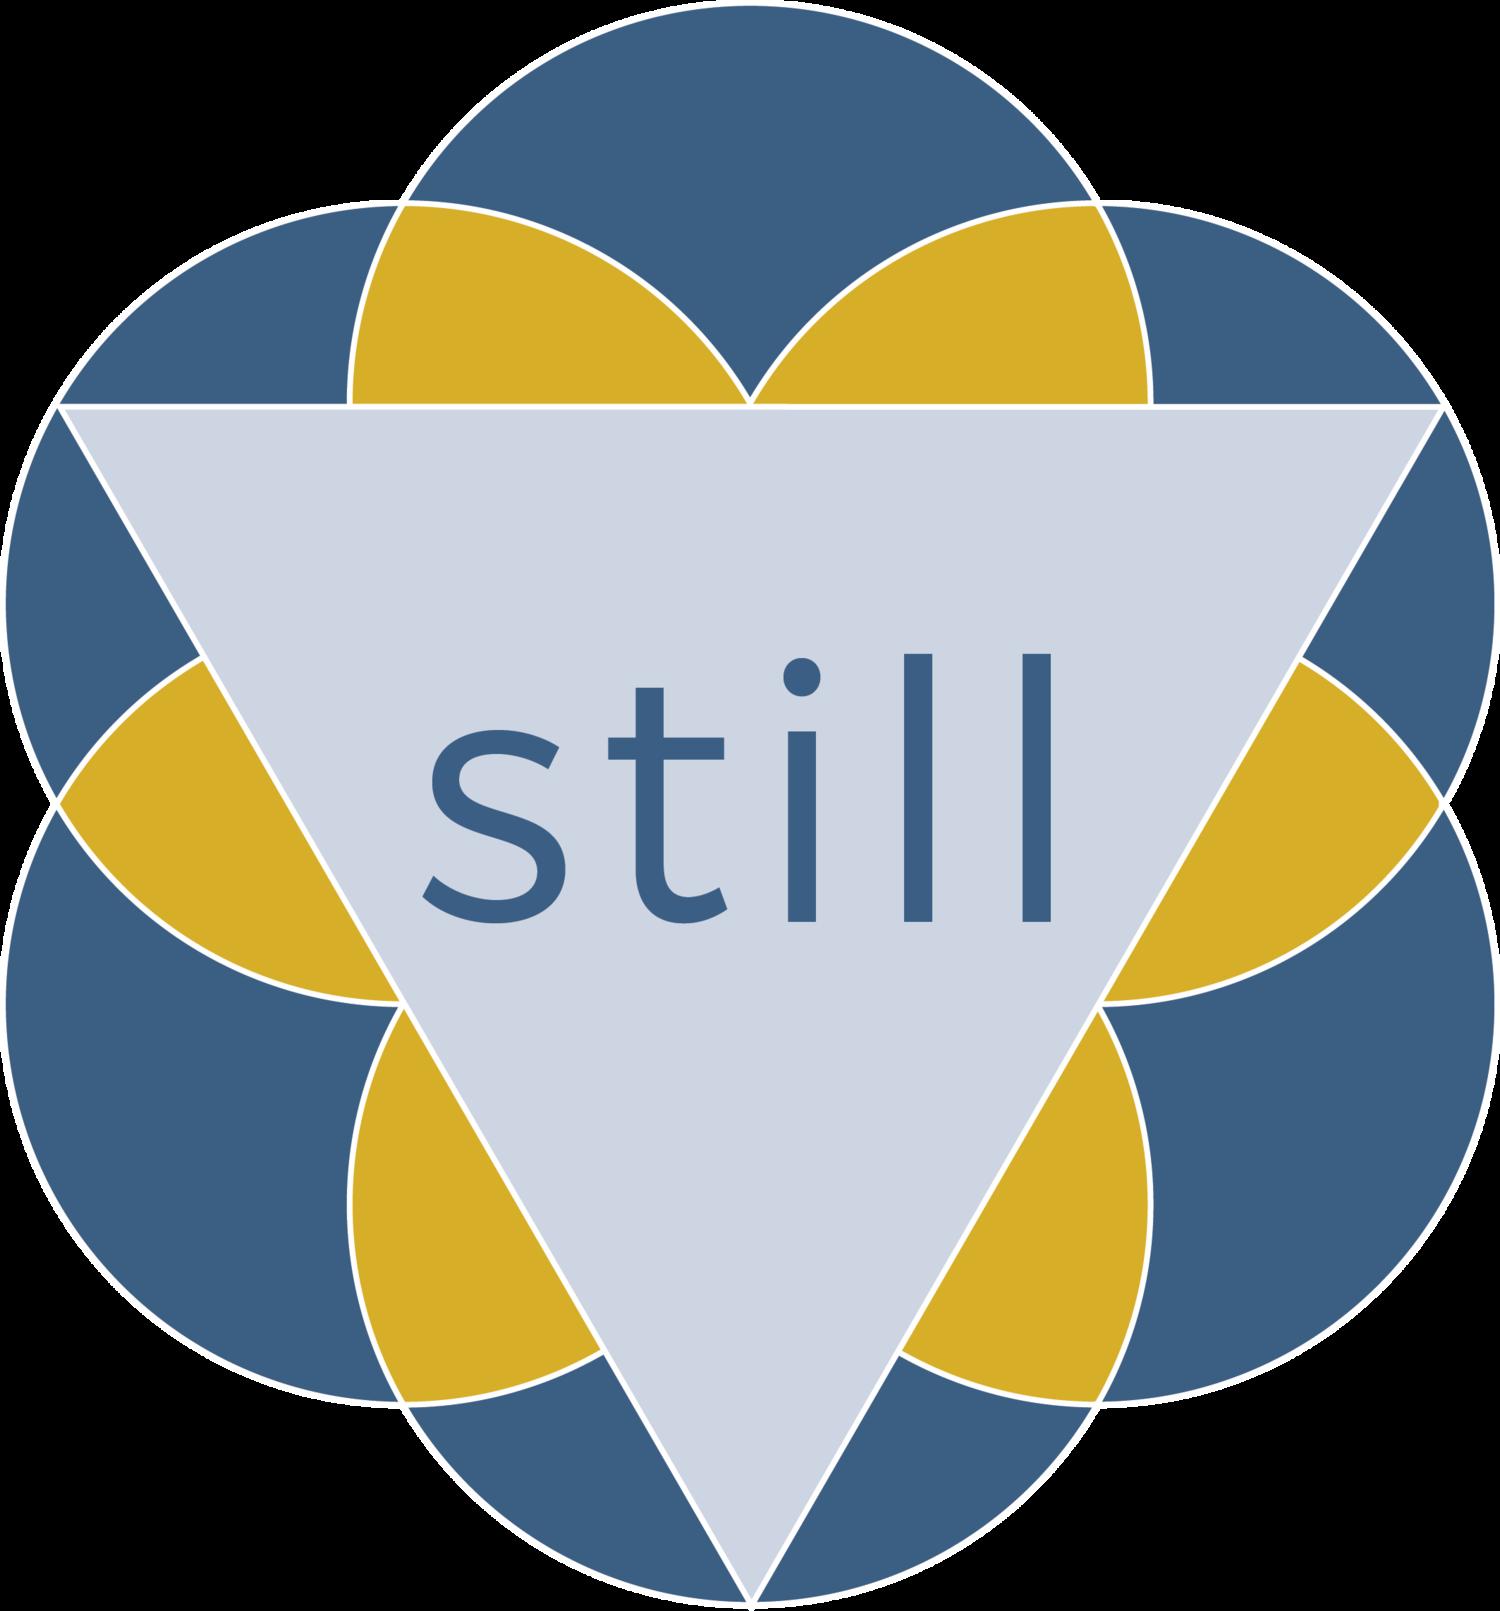 Still Soul Studio logo